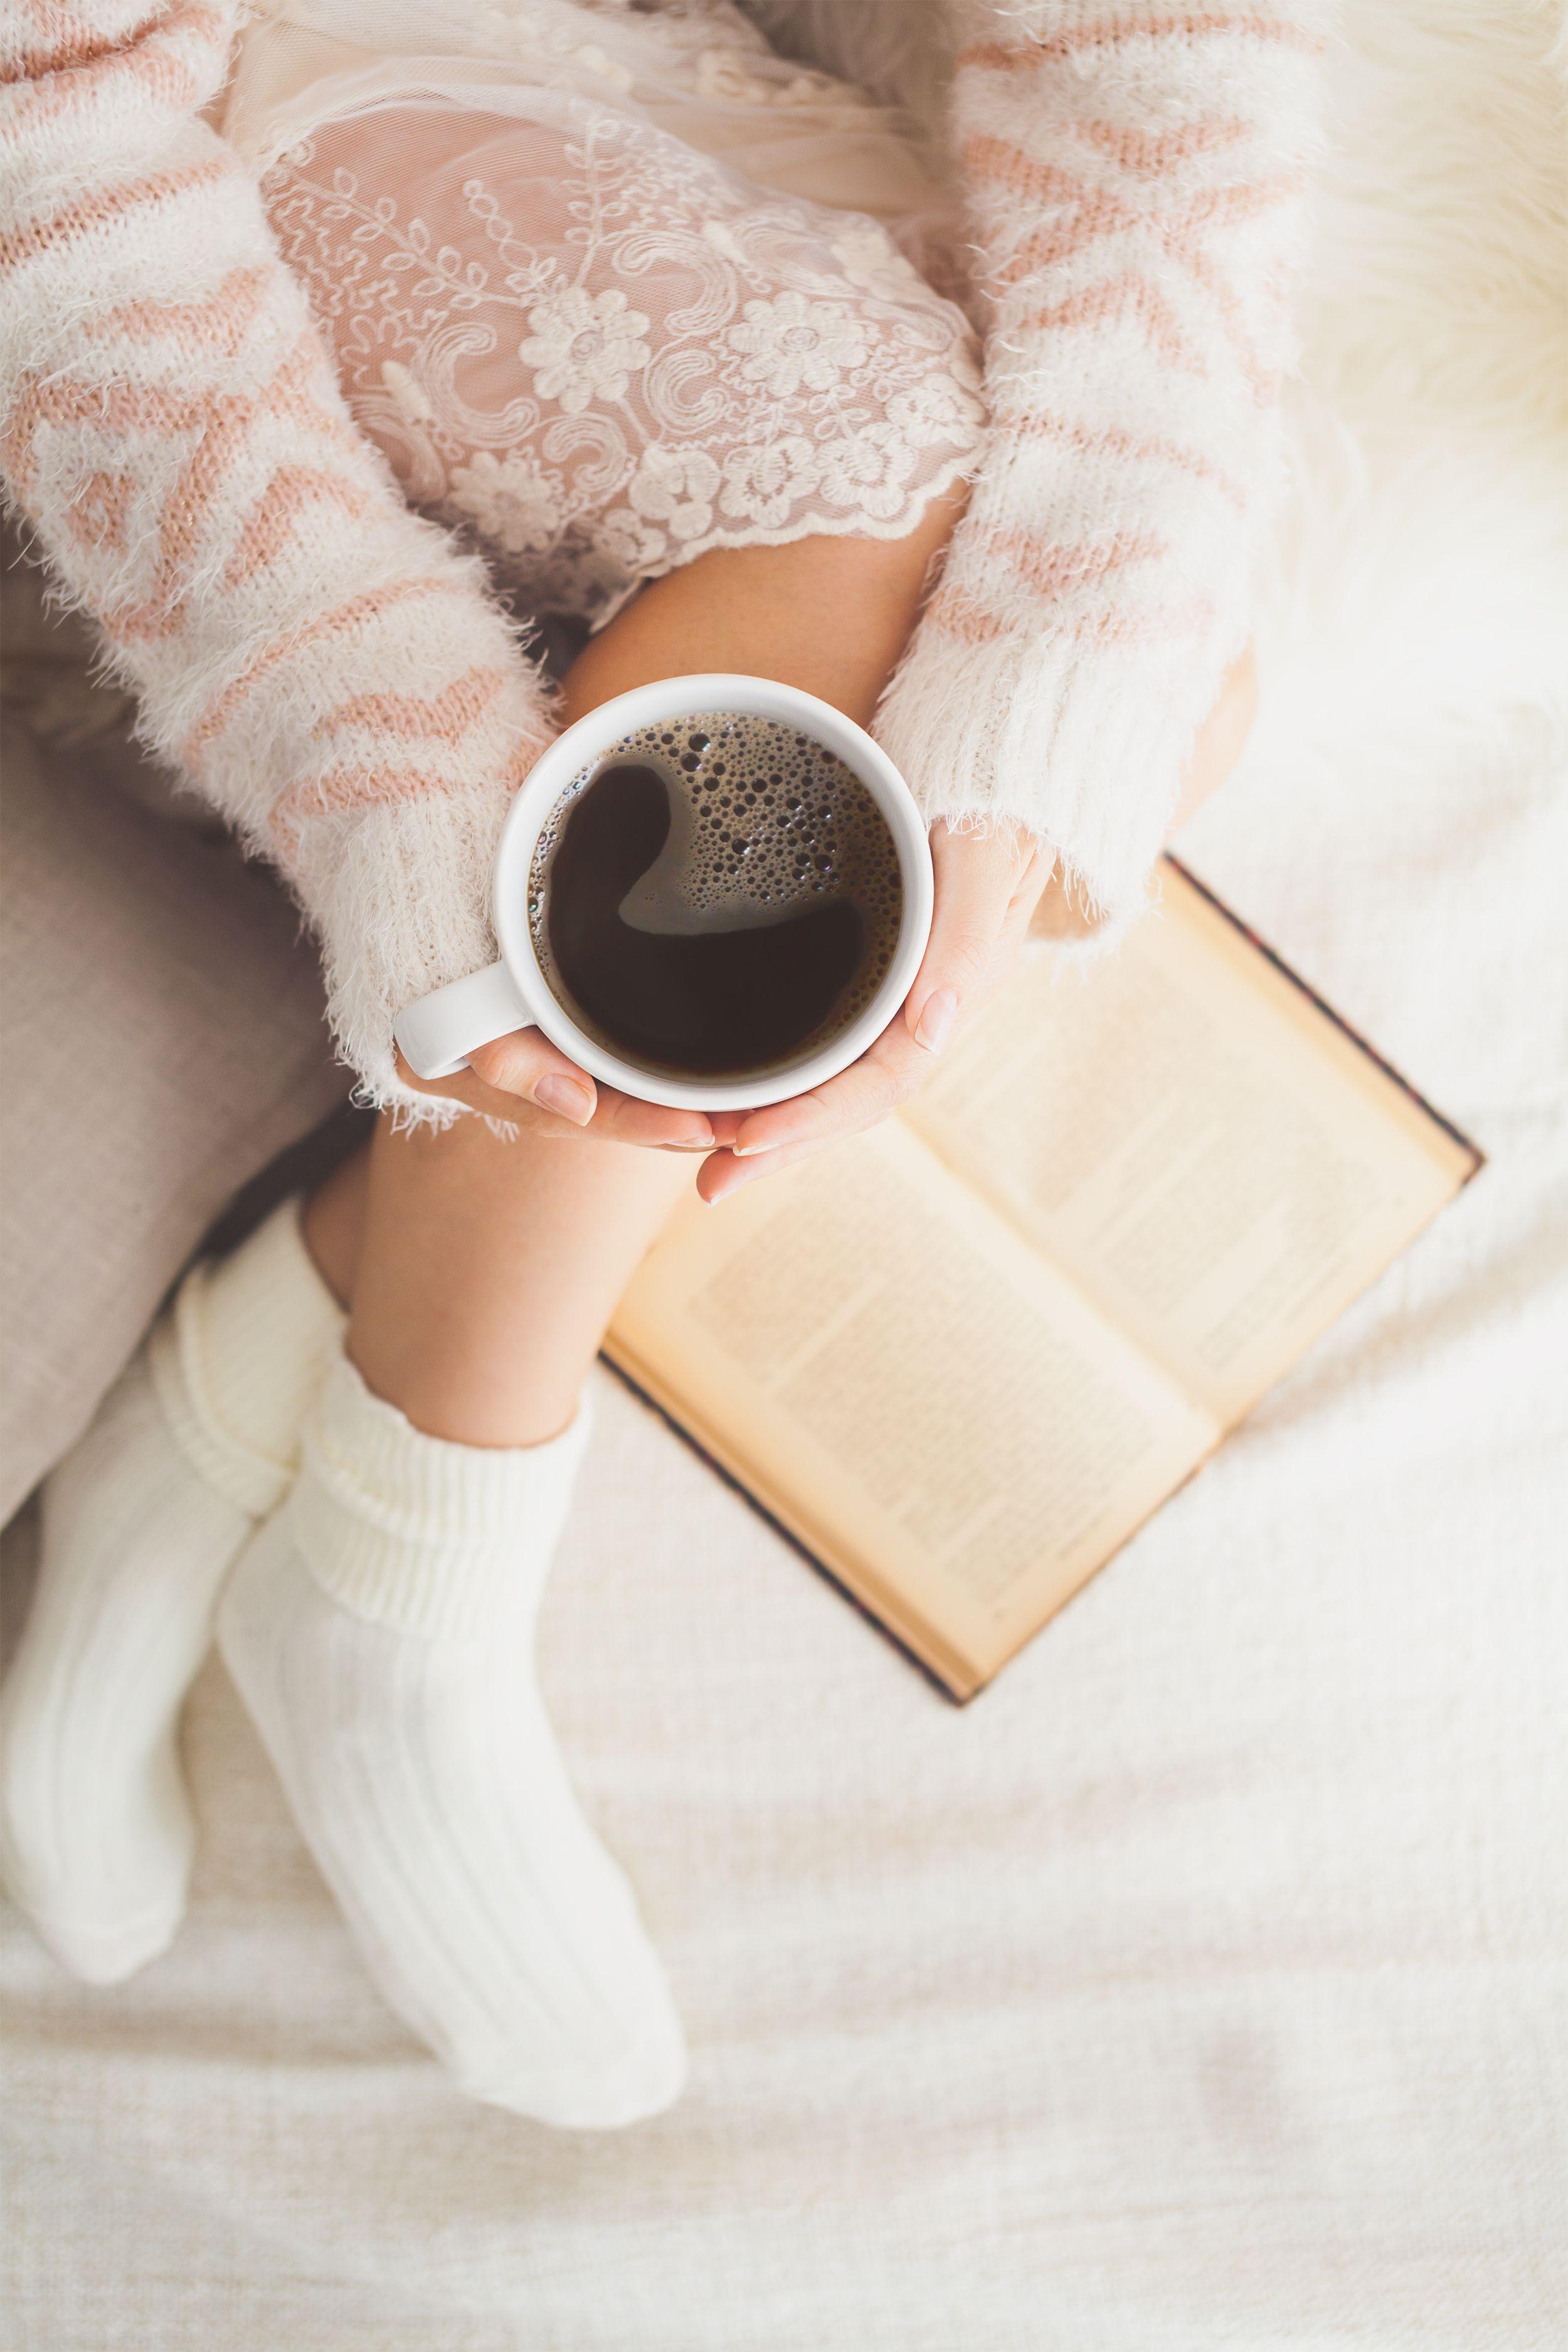 cozy & relaxed. | Fluffy blankets, Organic coffee, Fluffy socks